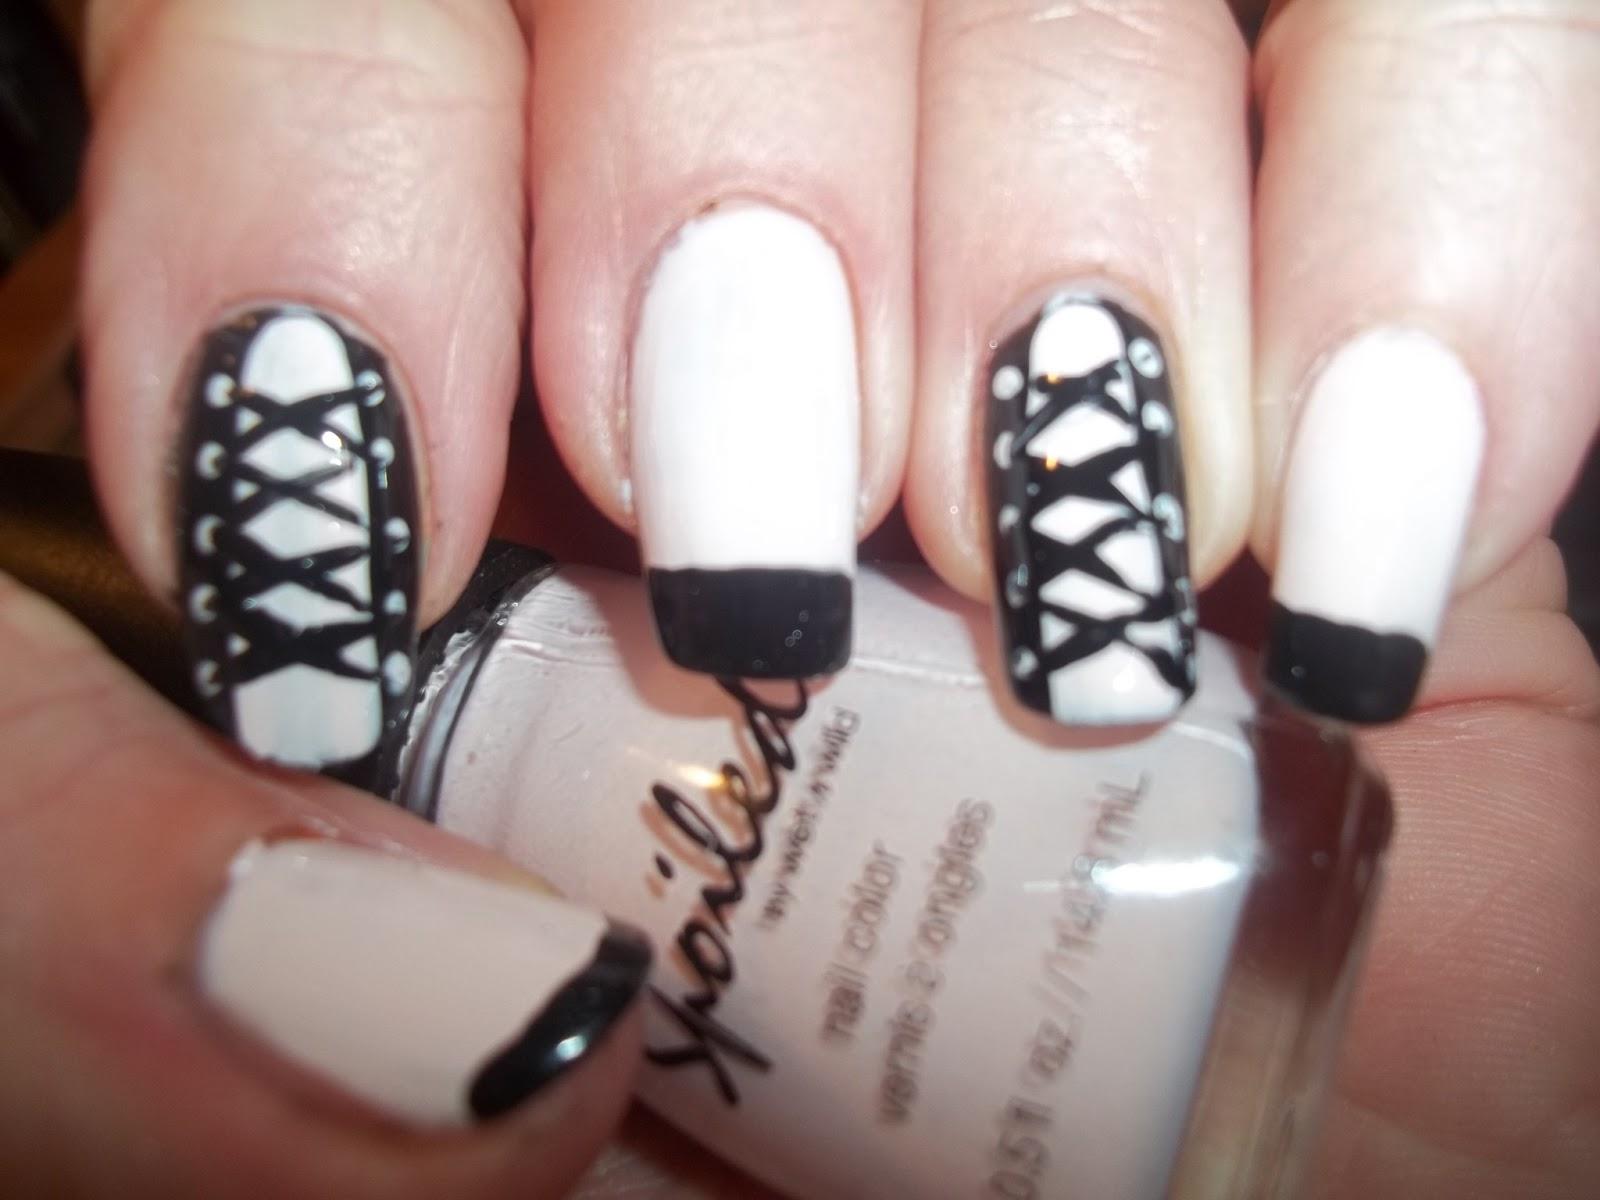 NailsnBling: Corset Nail Design